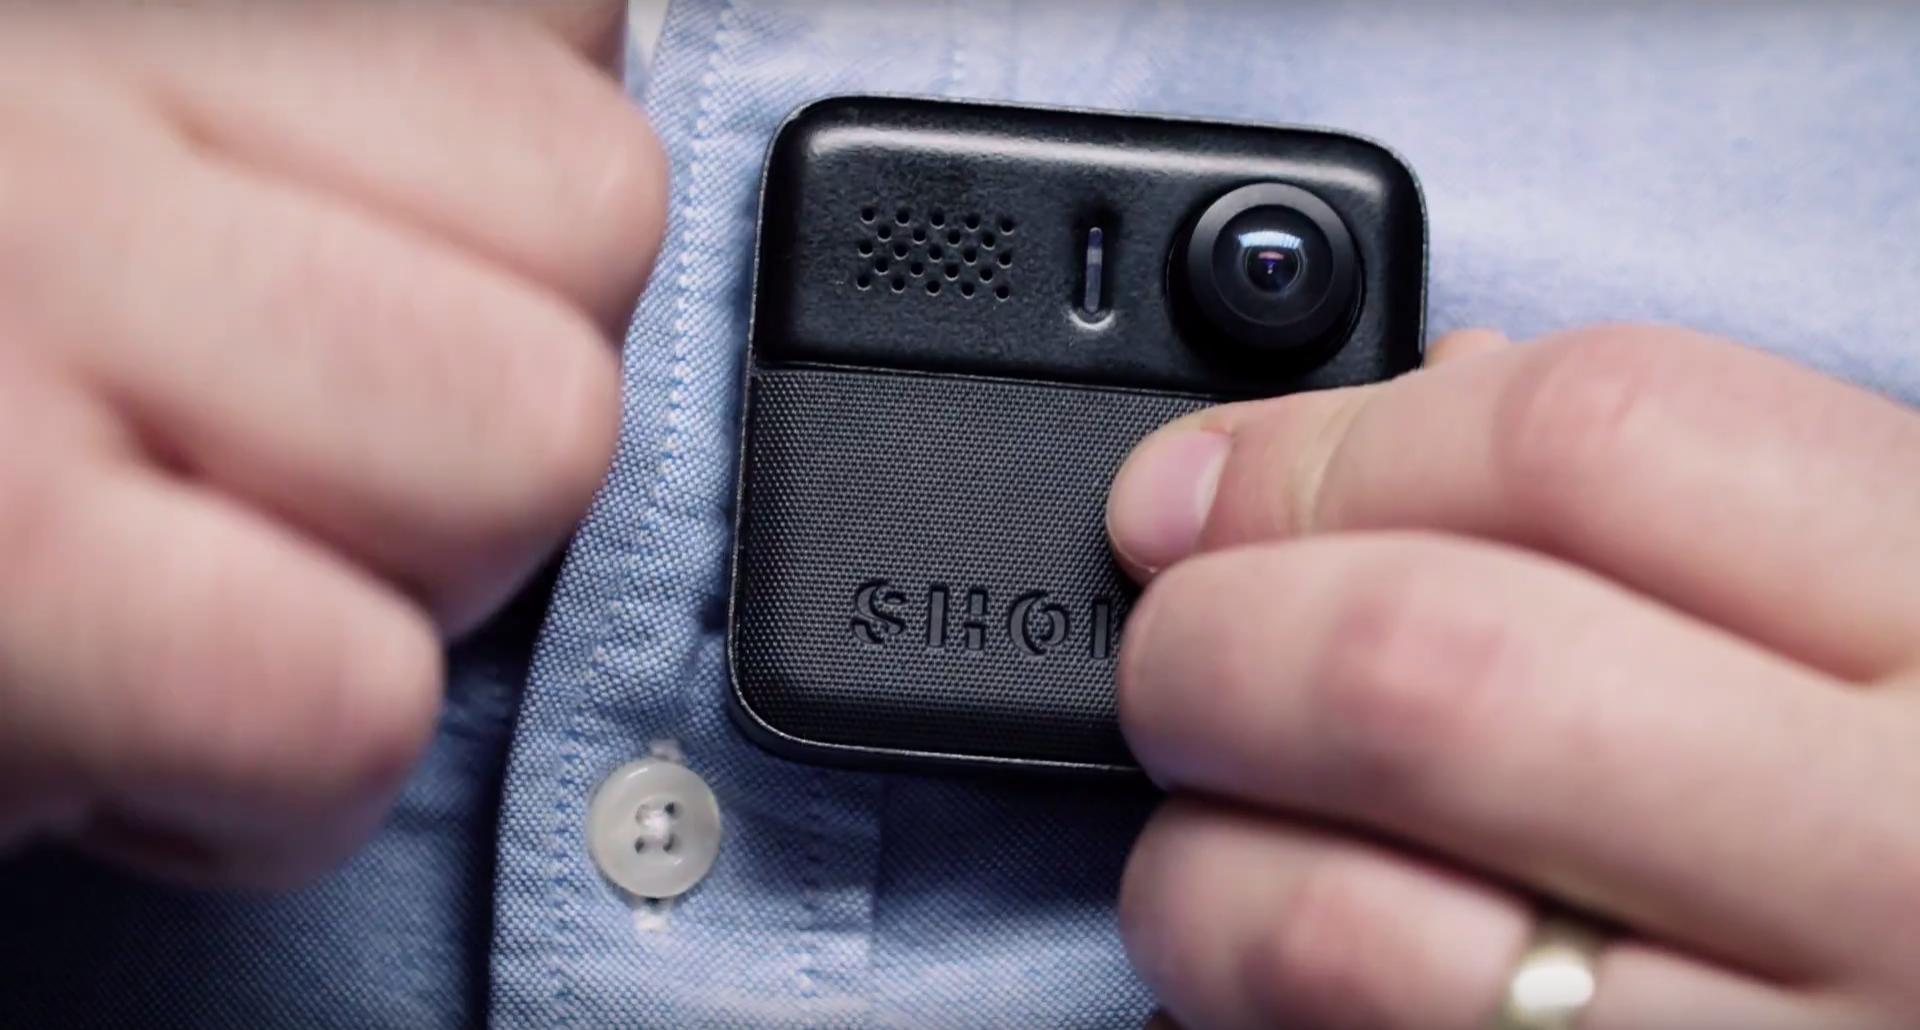 Dette kroppskameraet ble en braksuksess på Kickstarter